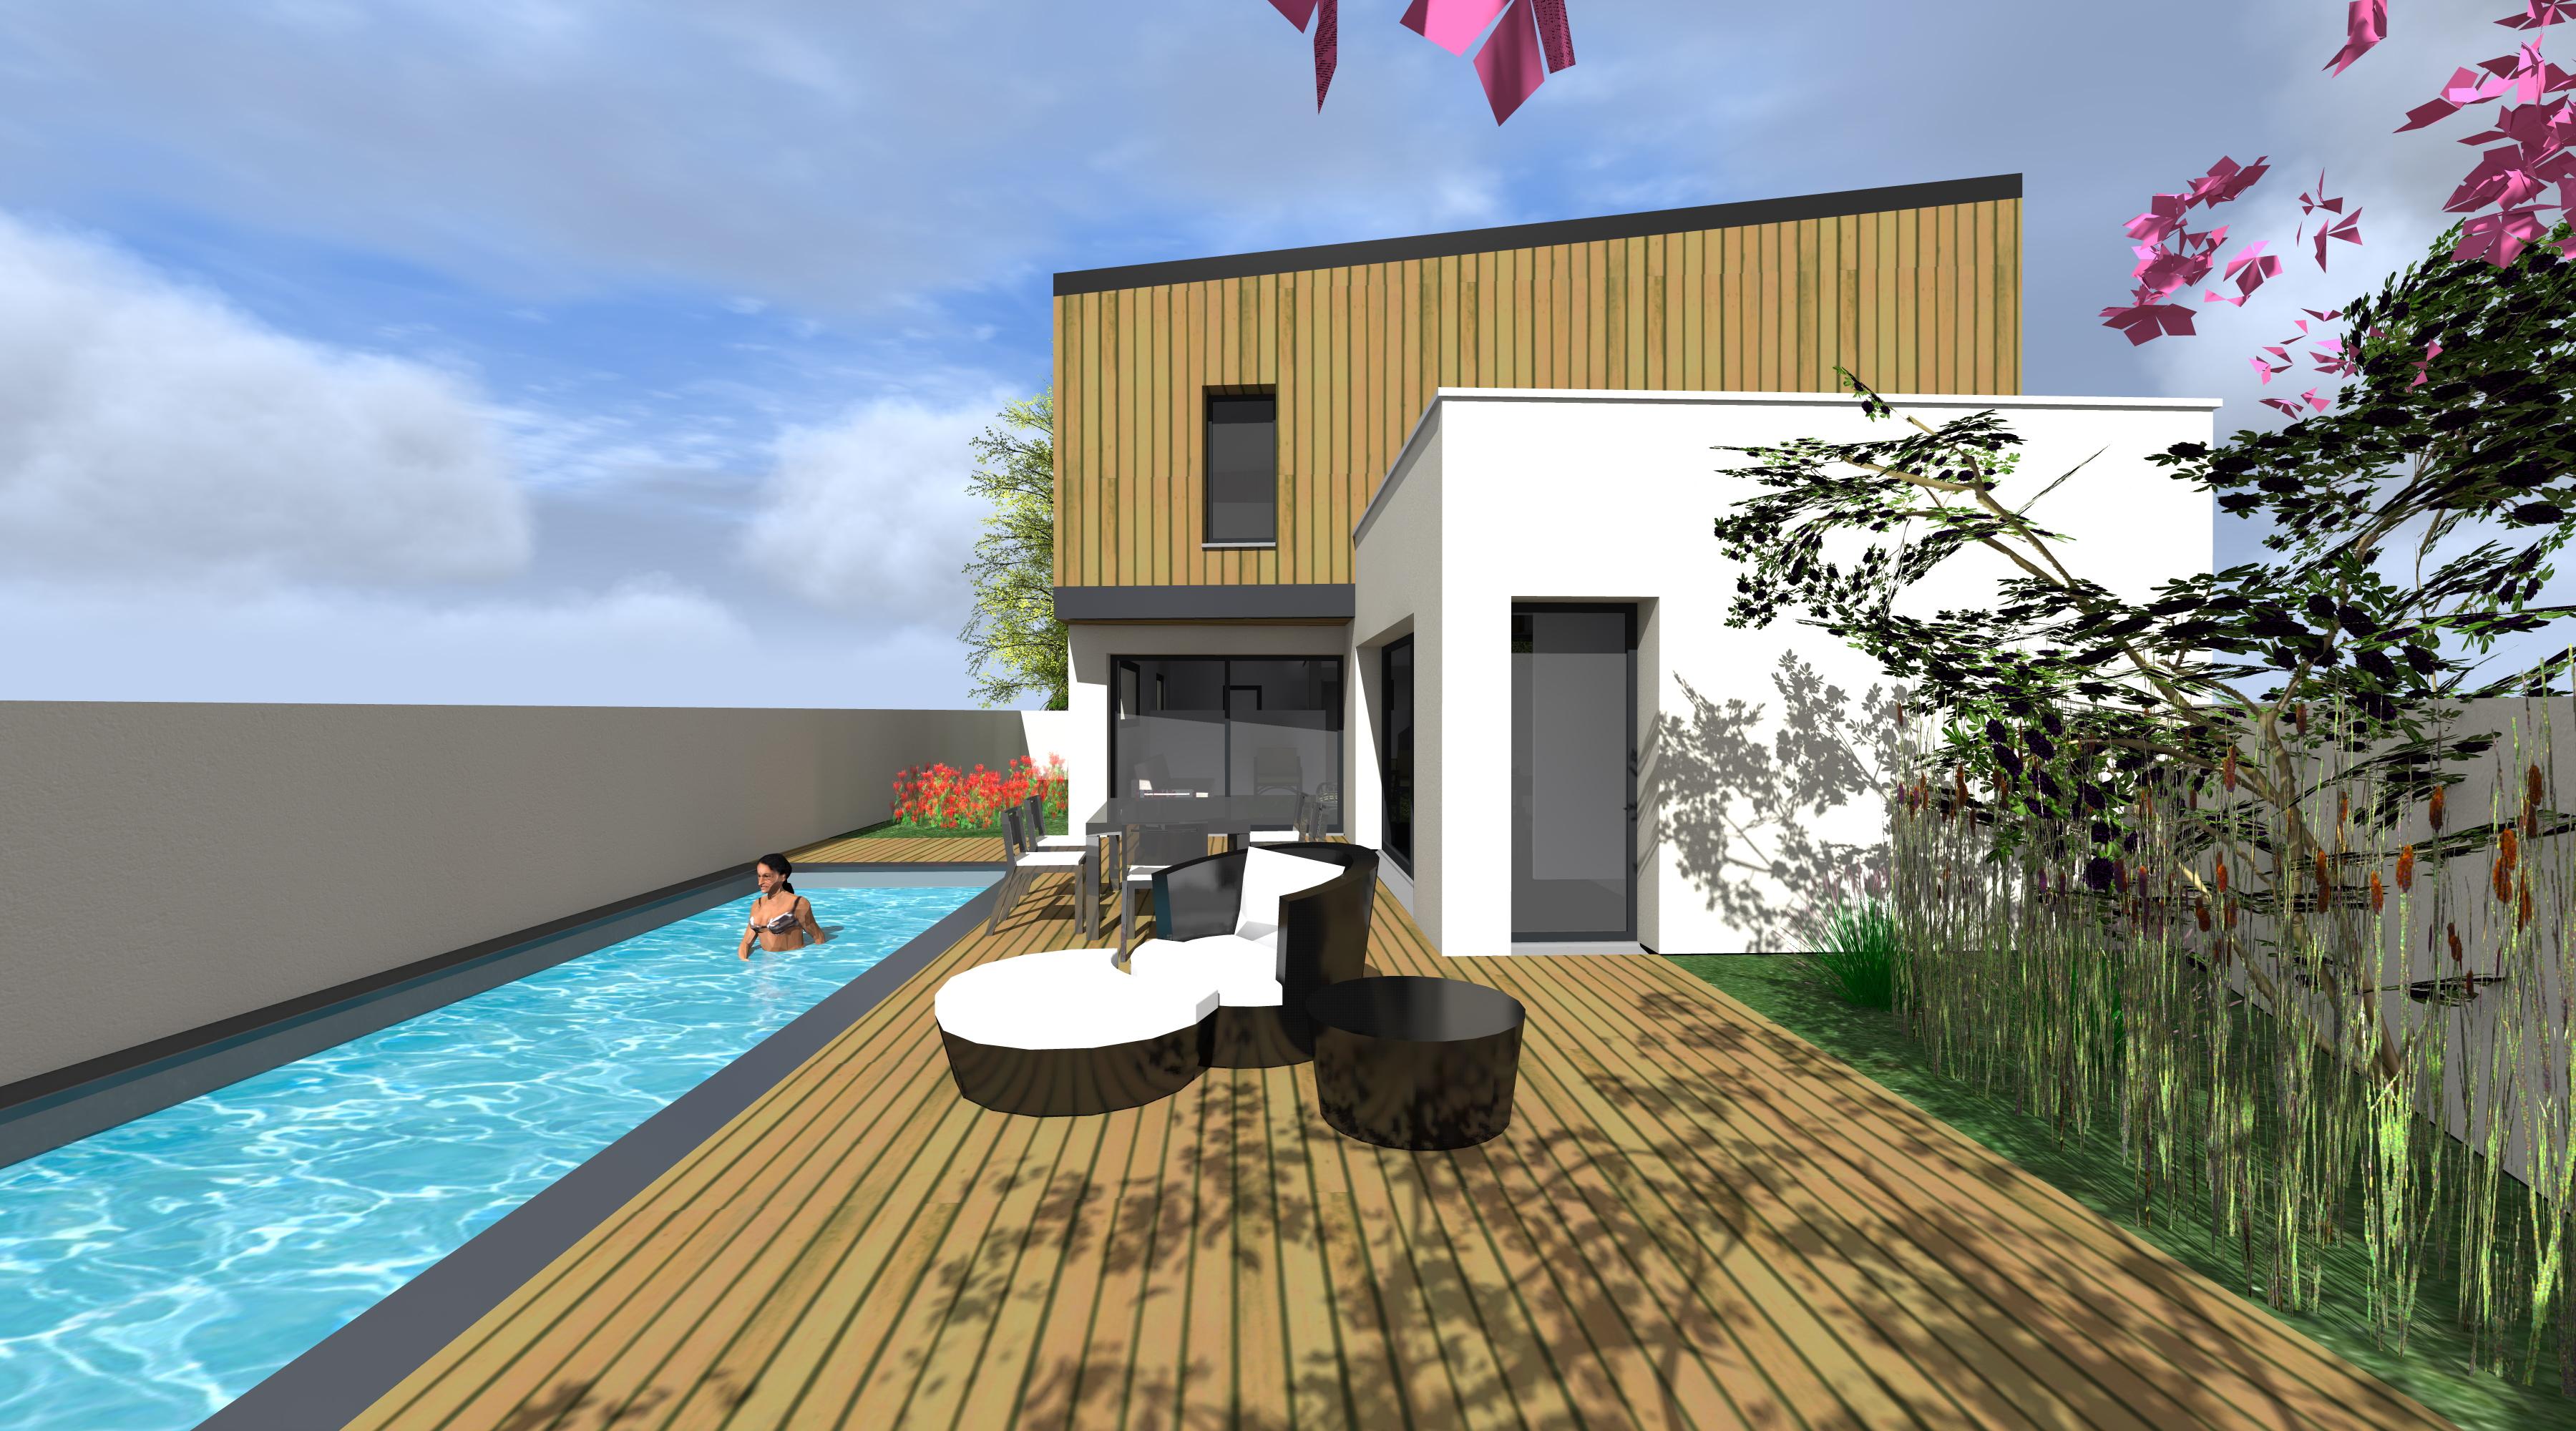 projet lb 1 2 vue architecte lise roturier rennes 35000. Black Bedroom Furniture Sets. Home Design Ideas